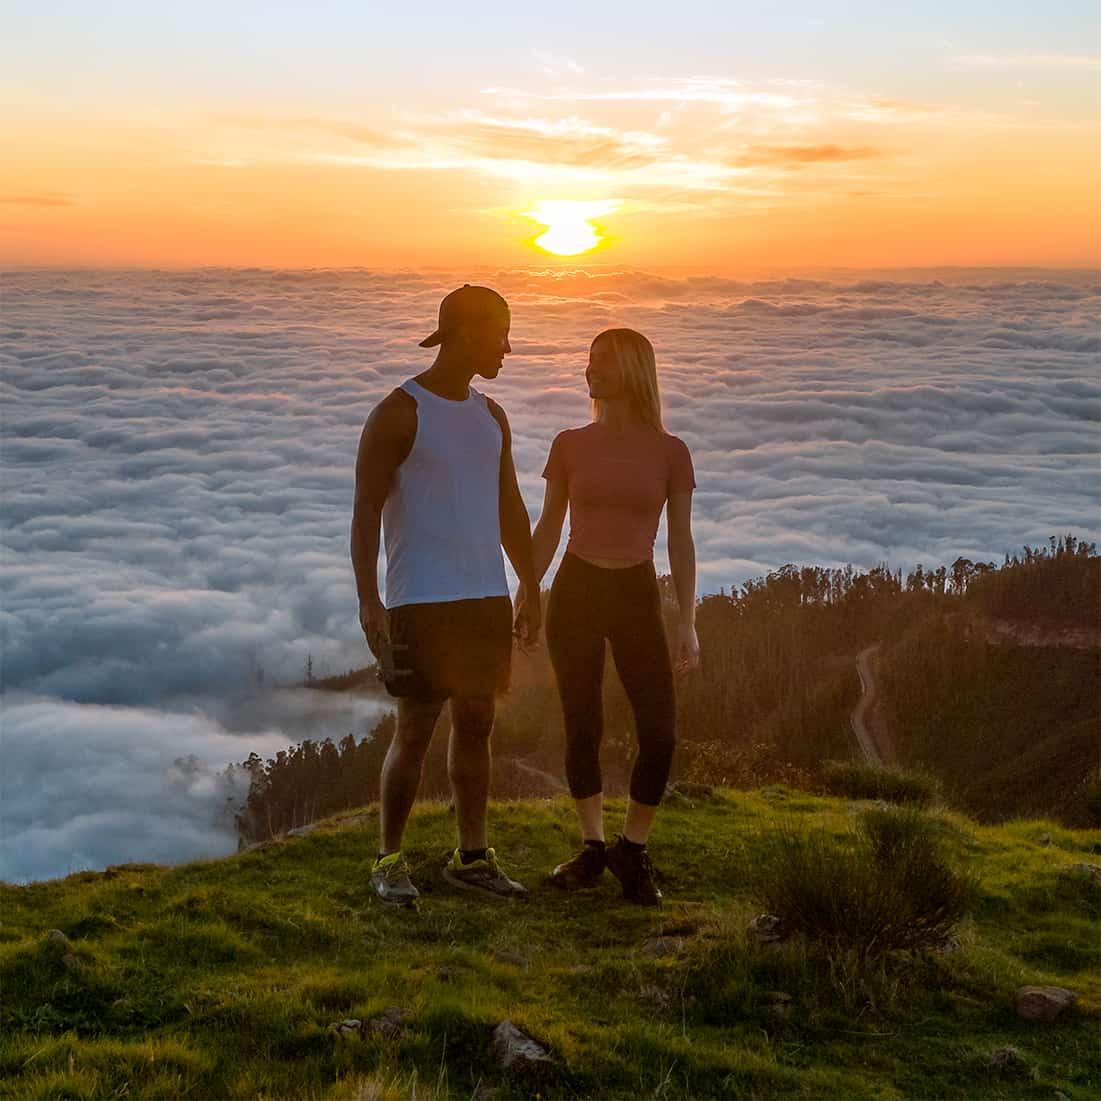 Atiba&Ilse above the clouds